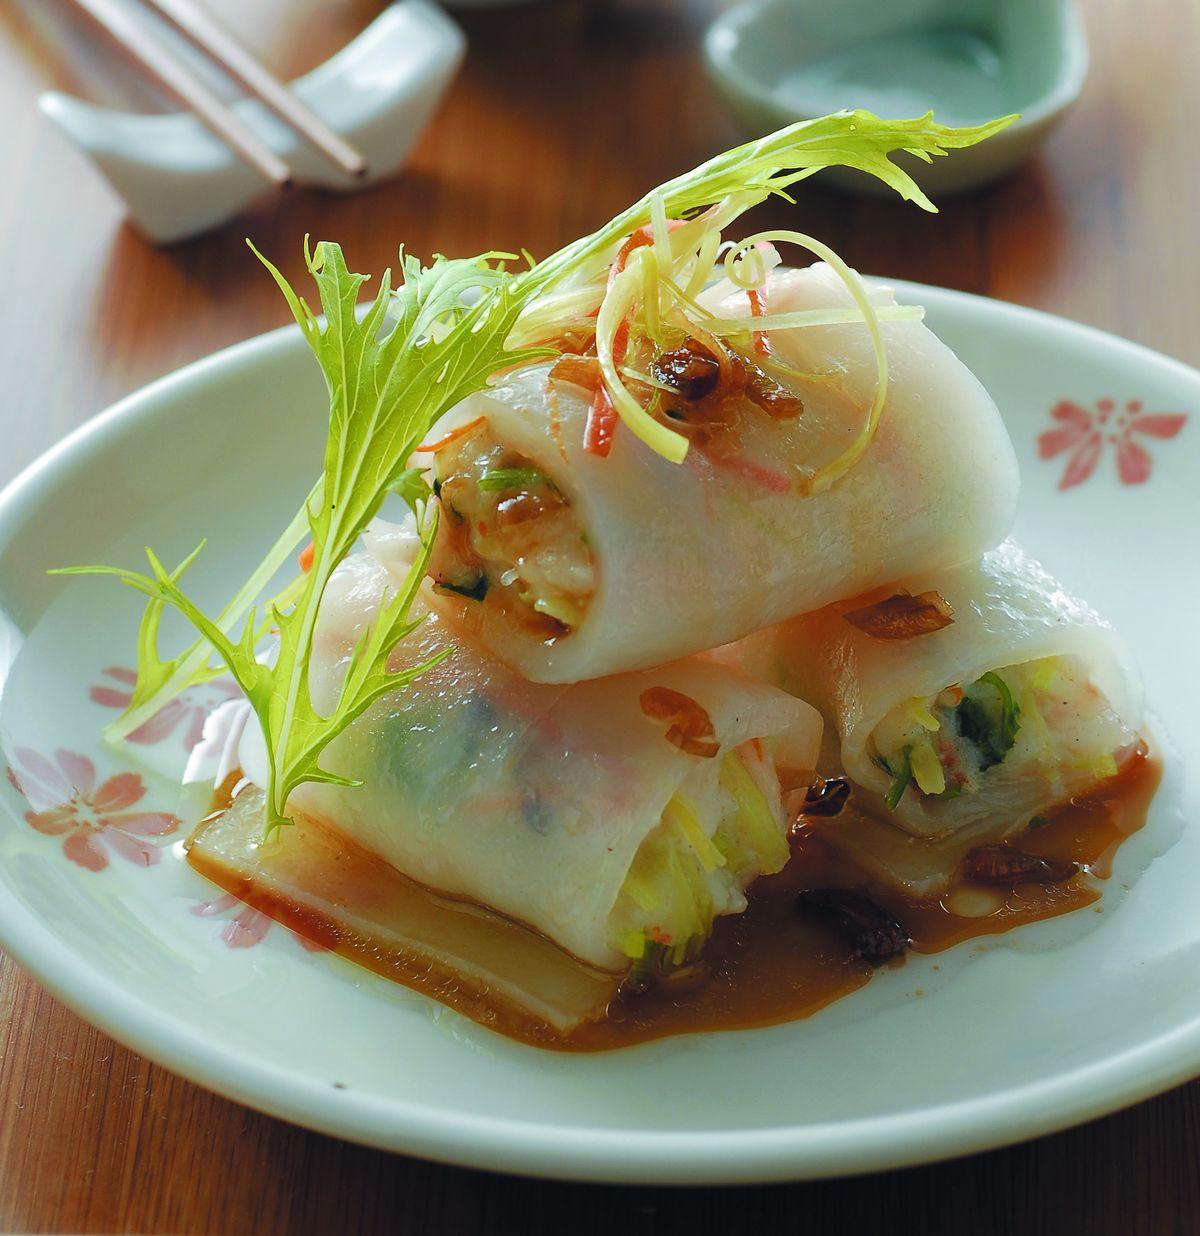 食譜:鮮蝦蒸粉腸